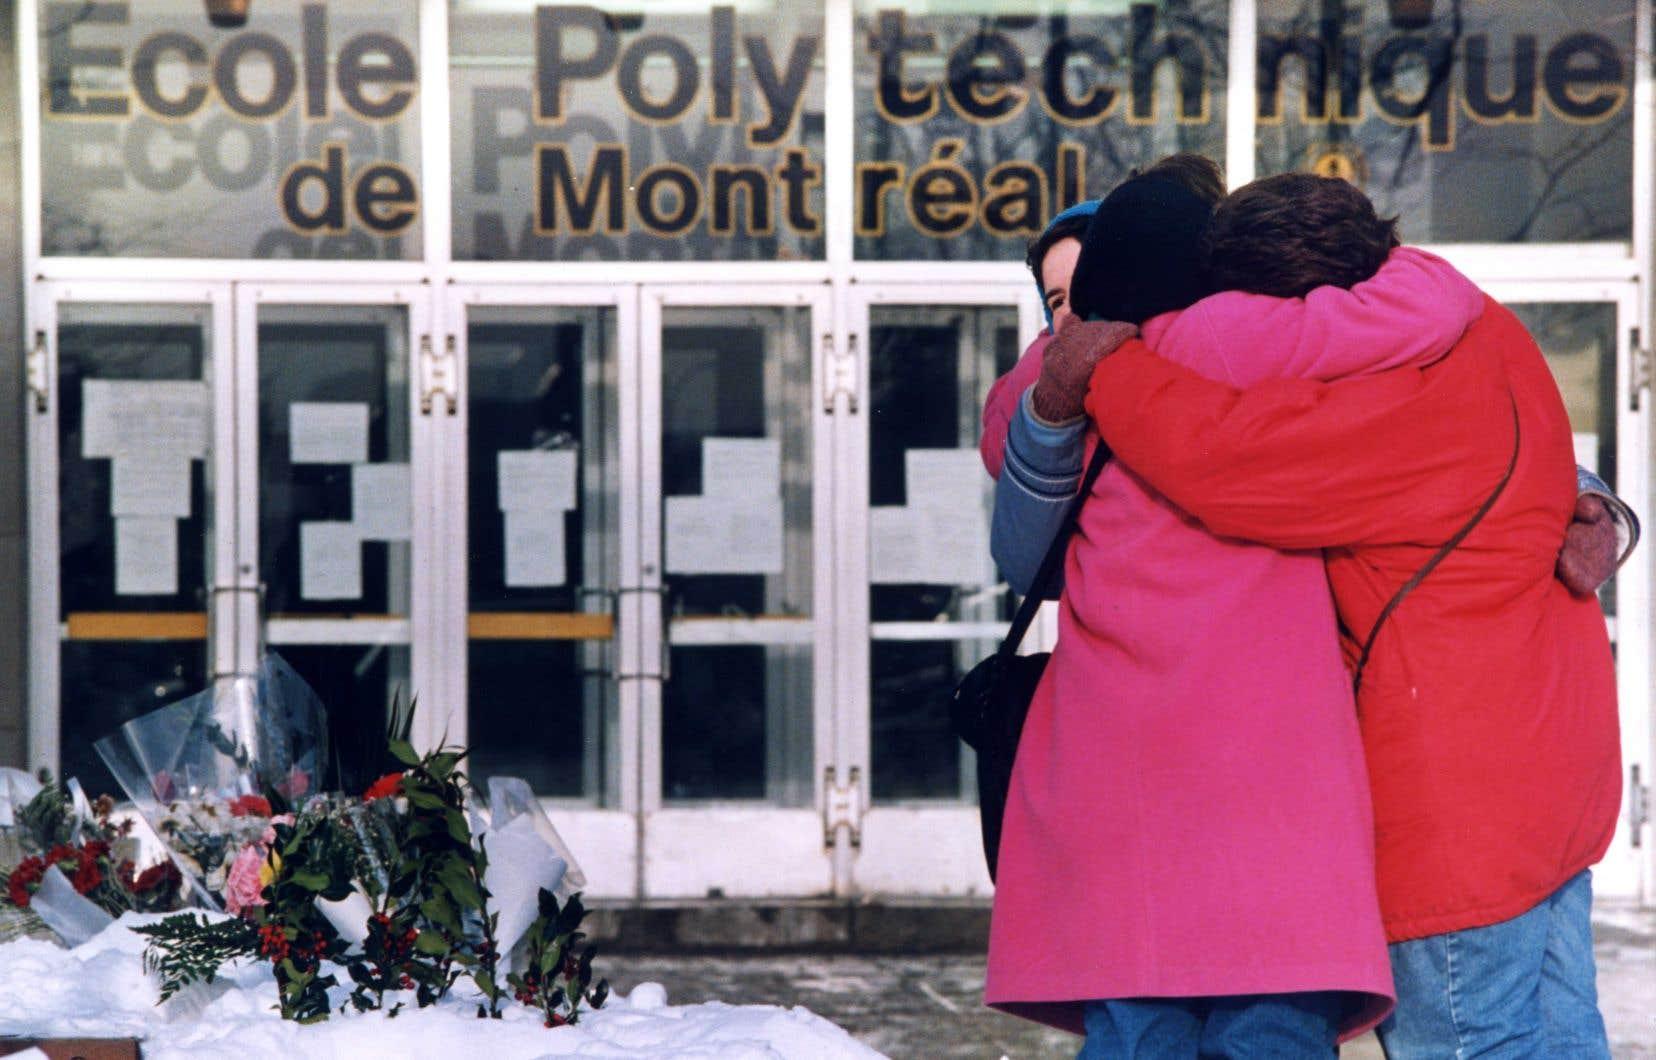 «Les fusils d'assaut sont prisés par les tueurs de masse comme l'ont démontré ici les tueries de Polytechnique (1989), Dawson (2006), l'attentat au Métropolis (2012) et à la mosquée de Québec (2017)», relève l'auteur.